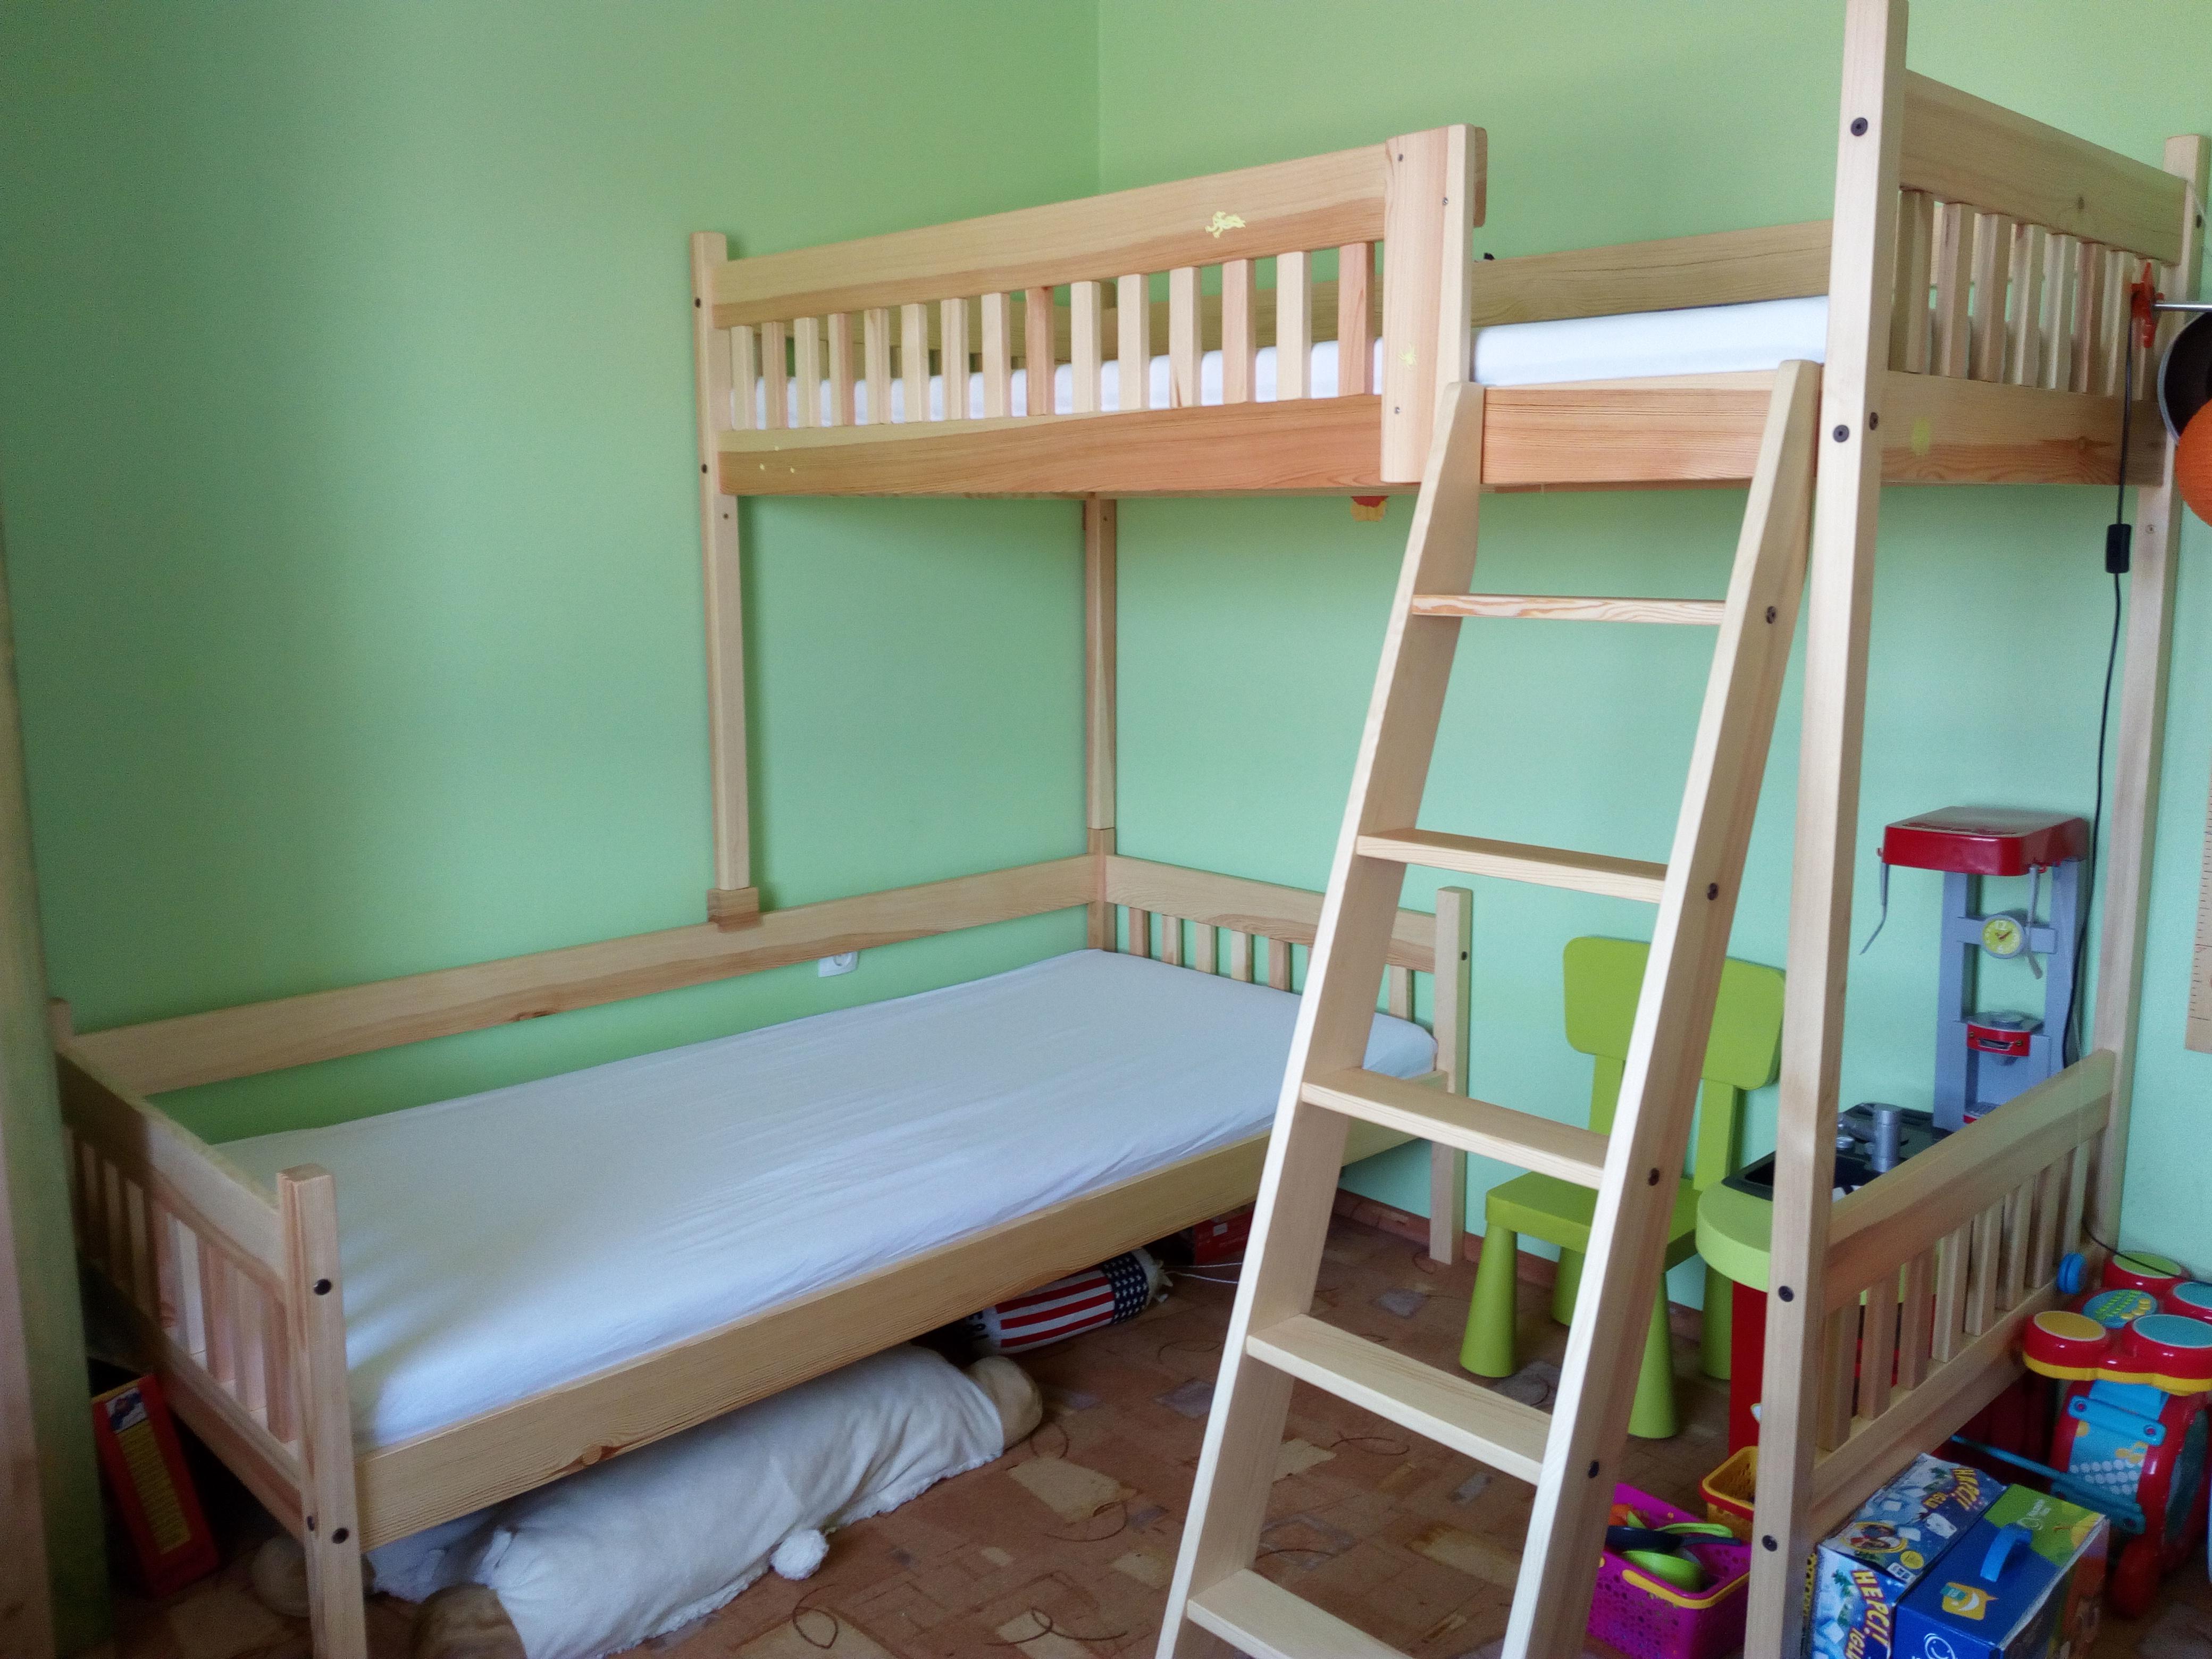 Rohová patrová postel Max s podchozí výškou 140 cm